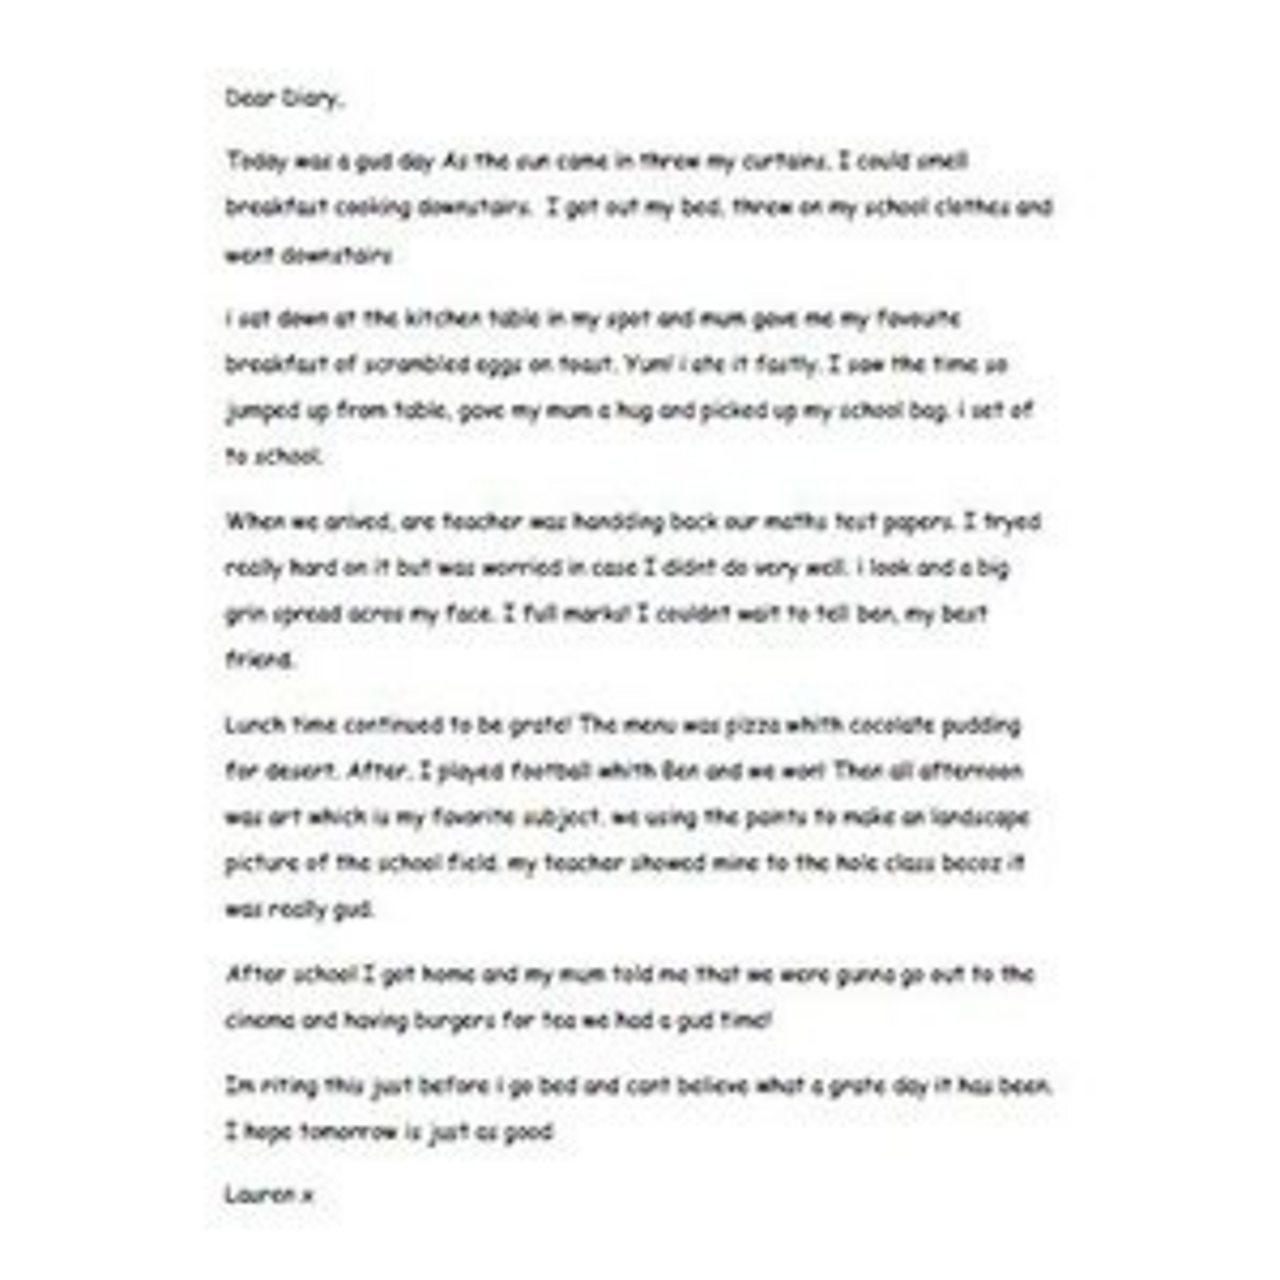 Lauren's diary entry